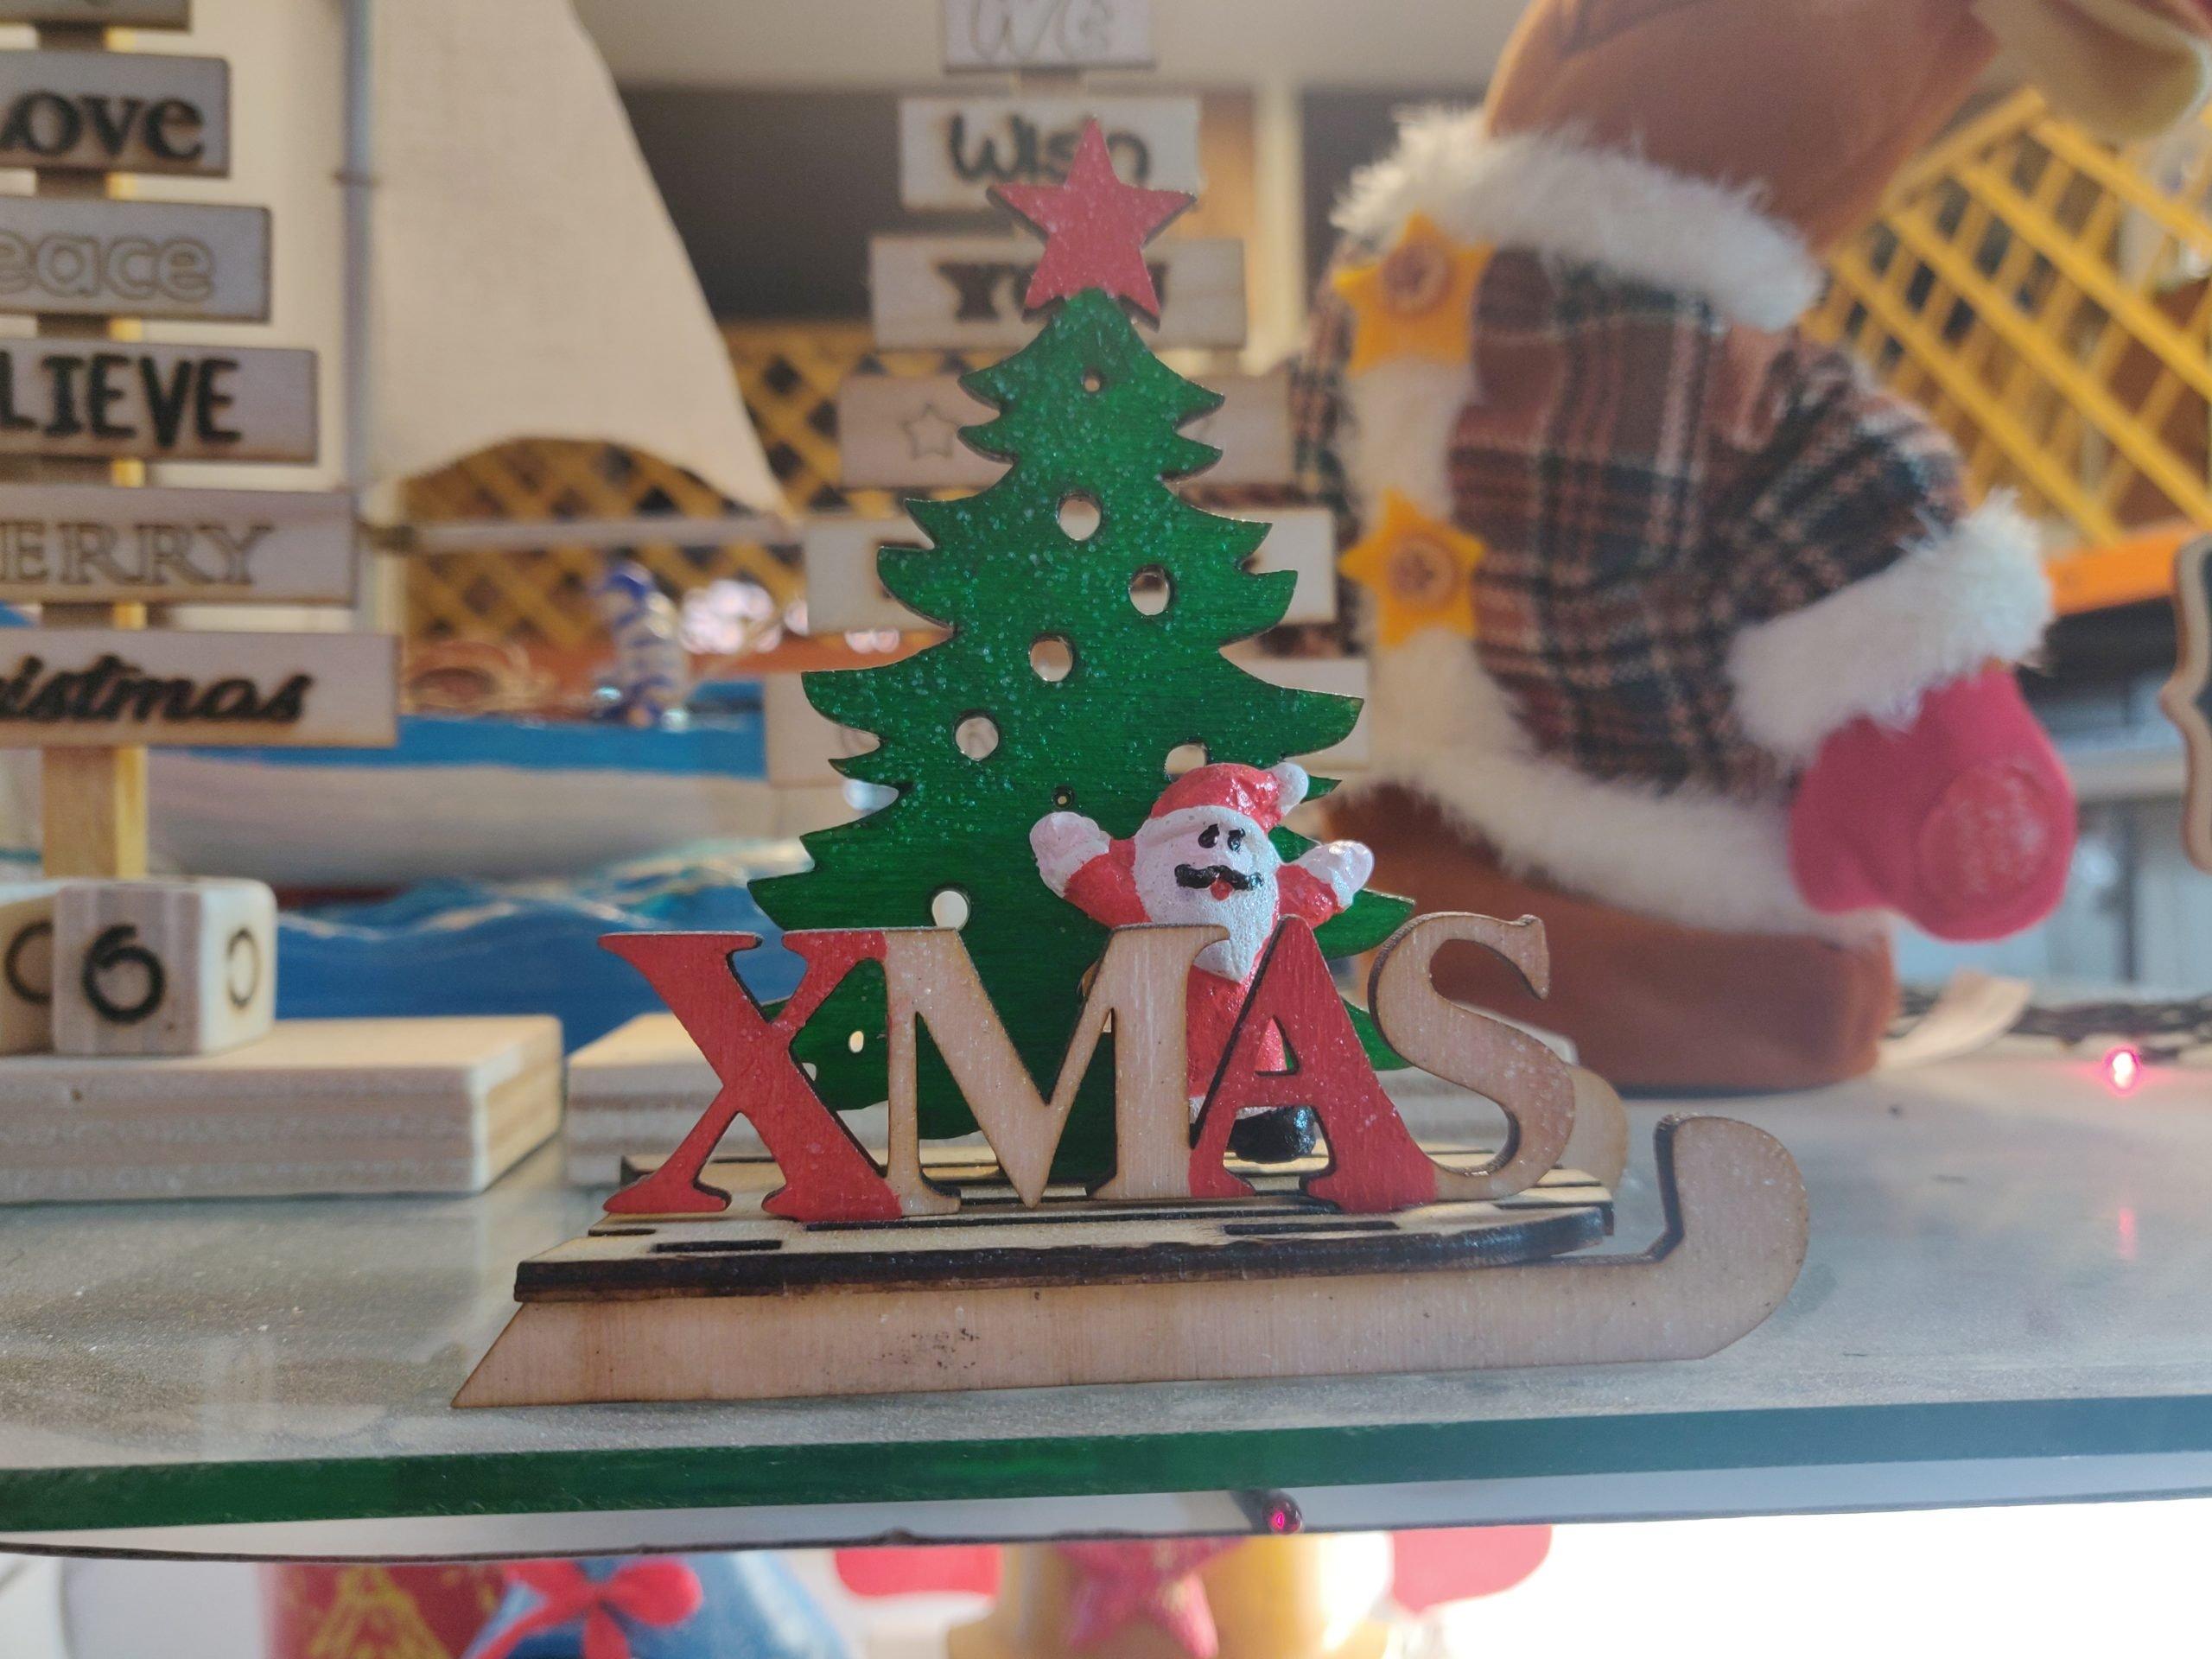 Slitta XMAS con Albero di Natale e Babbo Natale in Legno